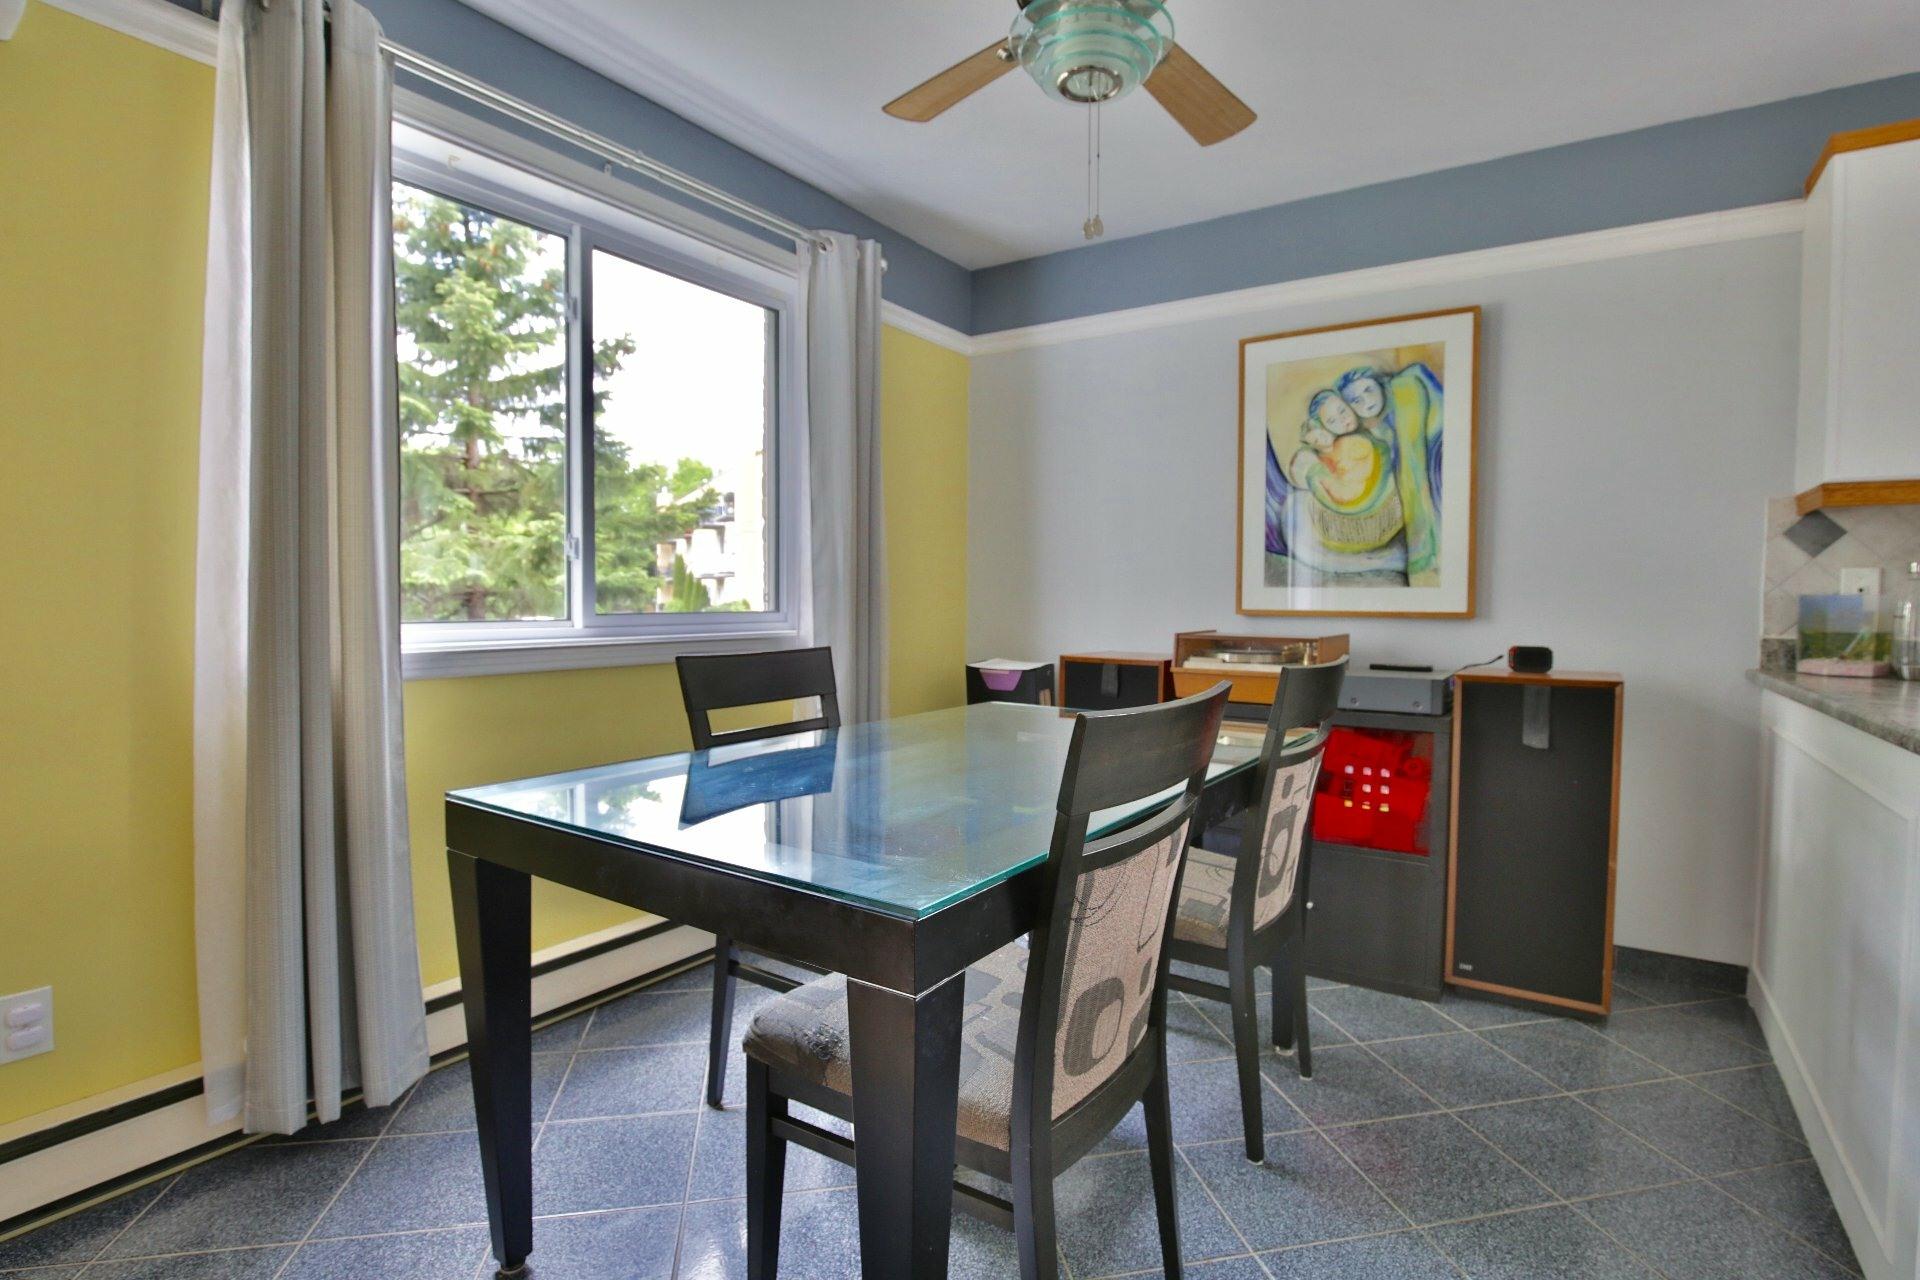 image 7 - Appartement À vendre Le Vieux-Longueuil Longueuil  - 6 pièces